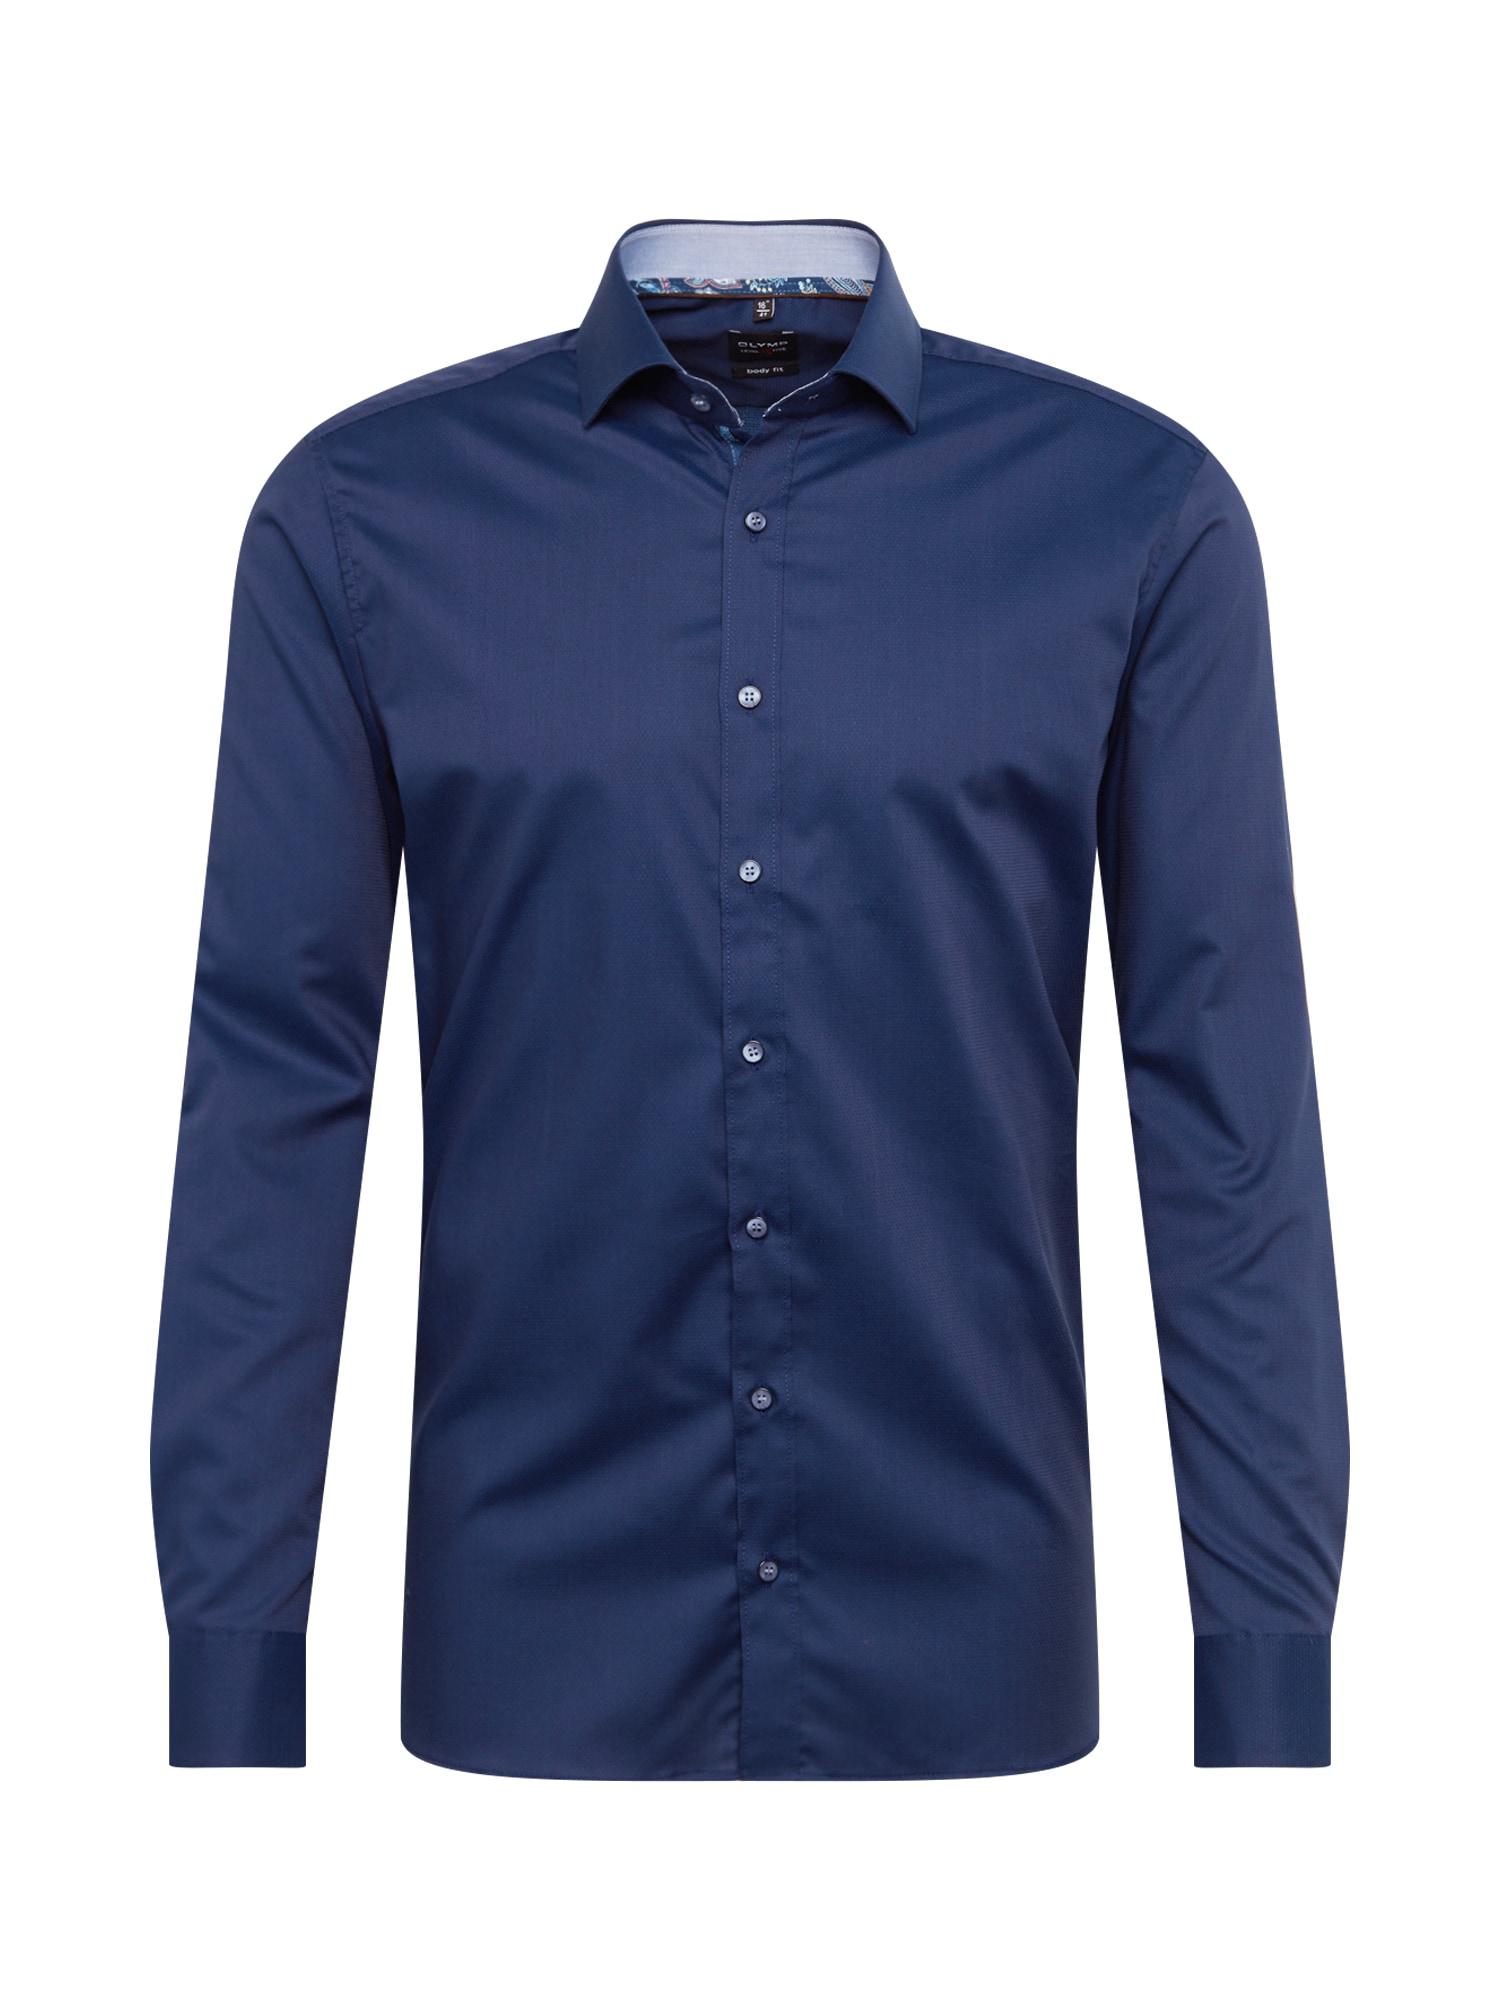 Košile Level 5 City námořnická modř OLYMP